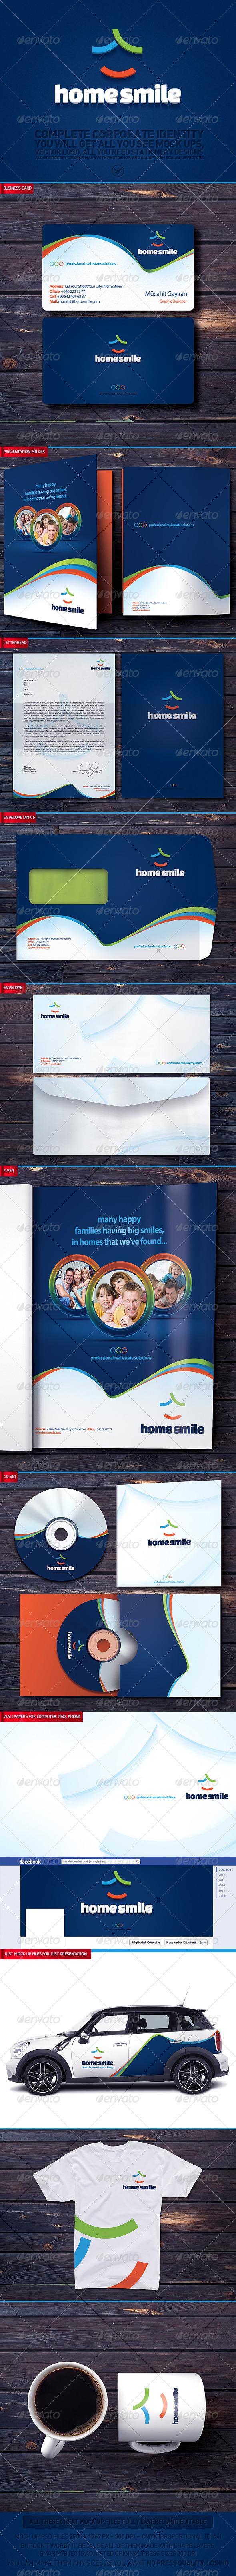 GraphicRiver Home Smile Corporate Identity v14 3370996